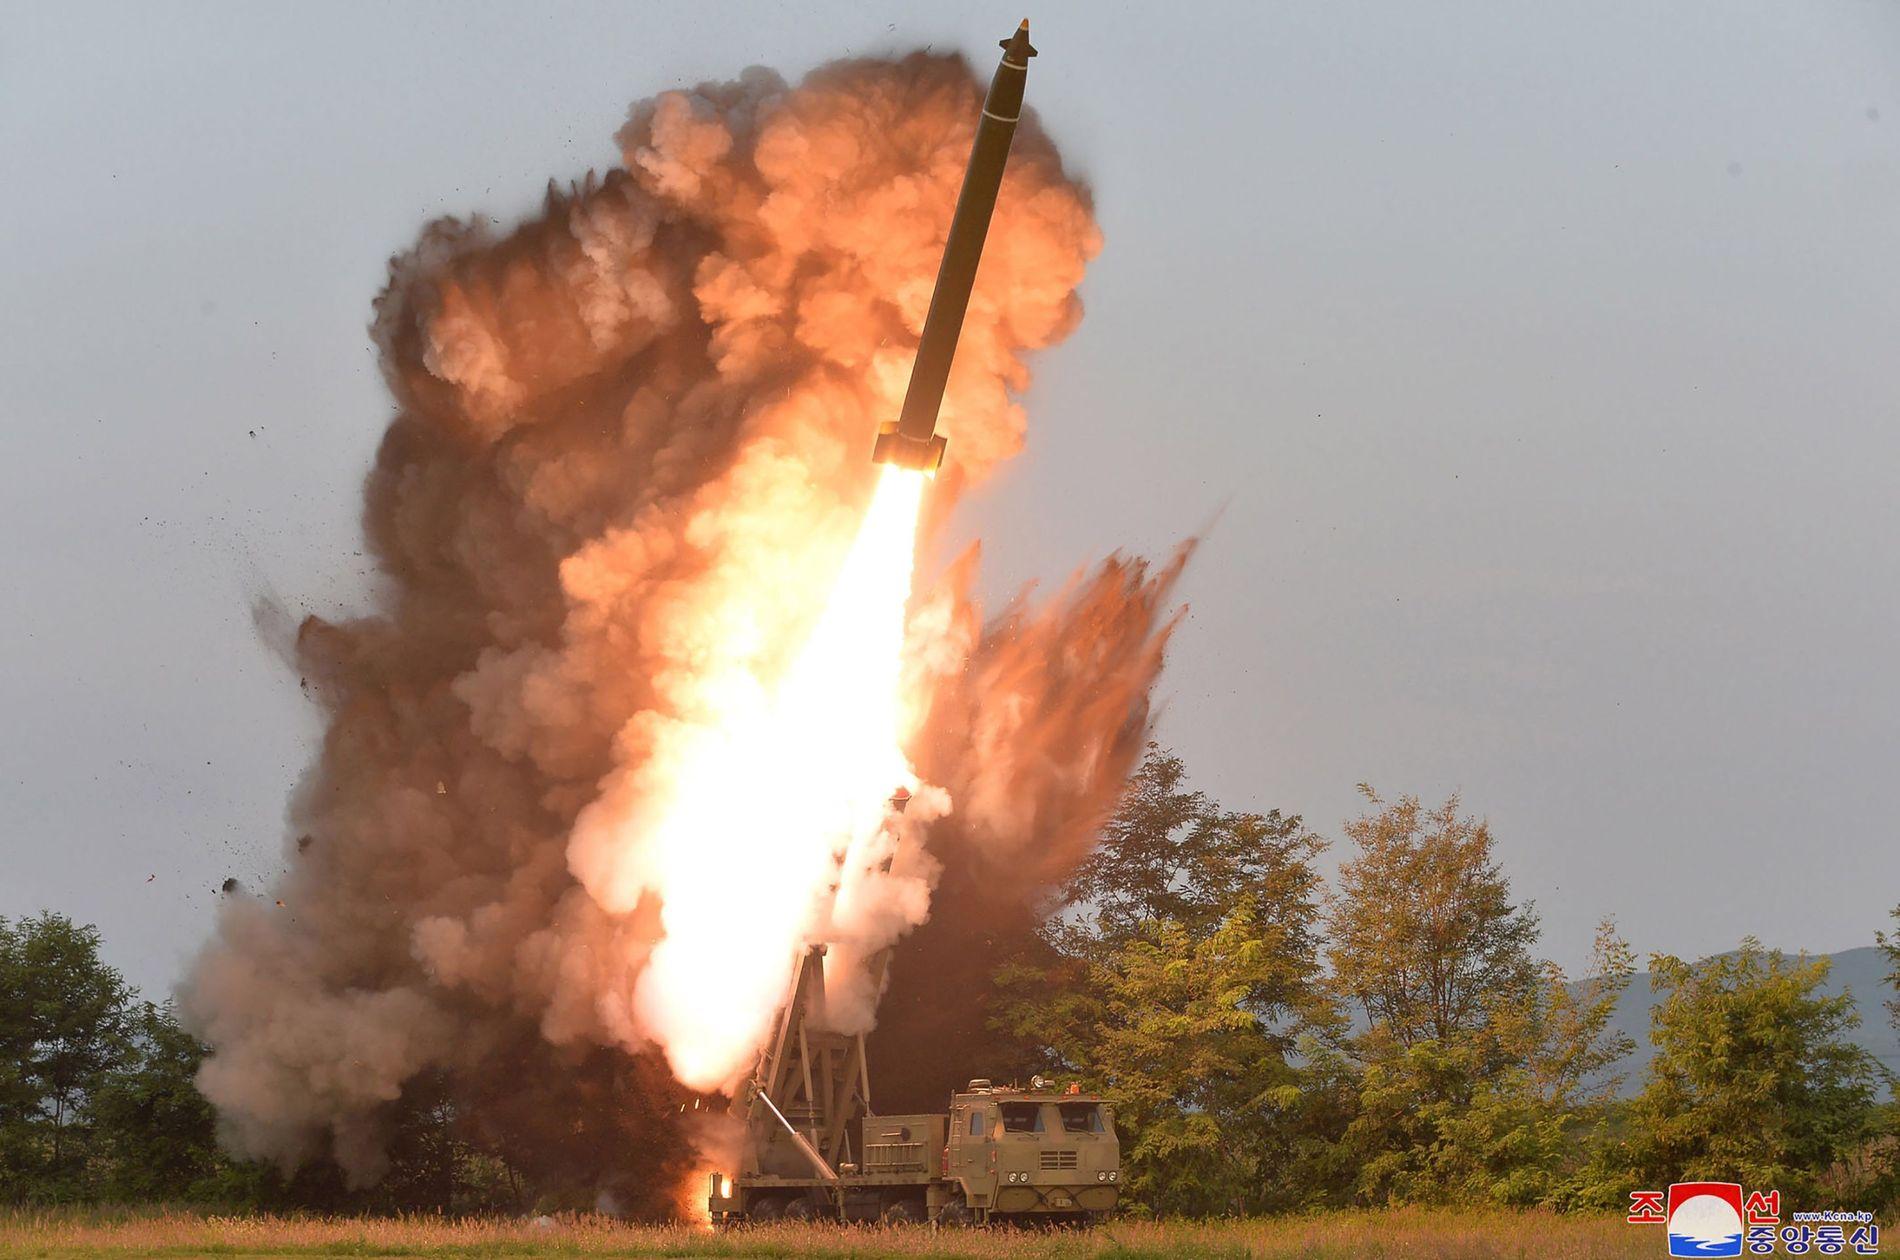 TESTET VÅPEN: Nord-Koreas statlige nyhetsbyrå hevder at bildet viser en nyutviklet «superstor» oppskytingsrampe for raketter.